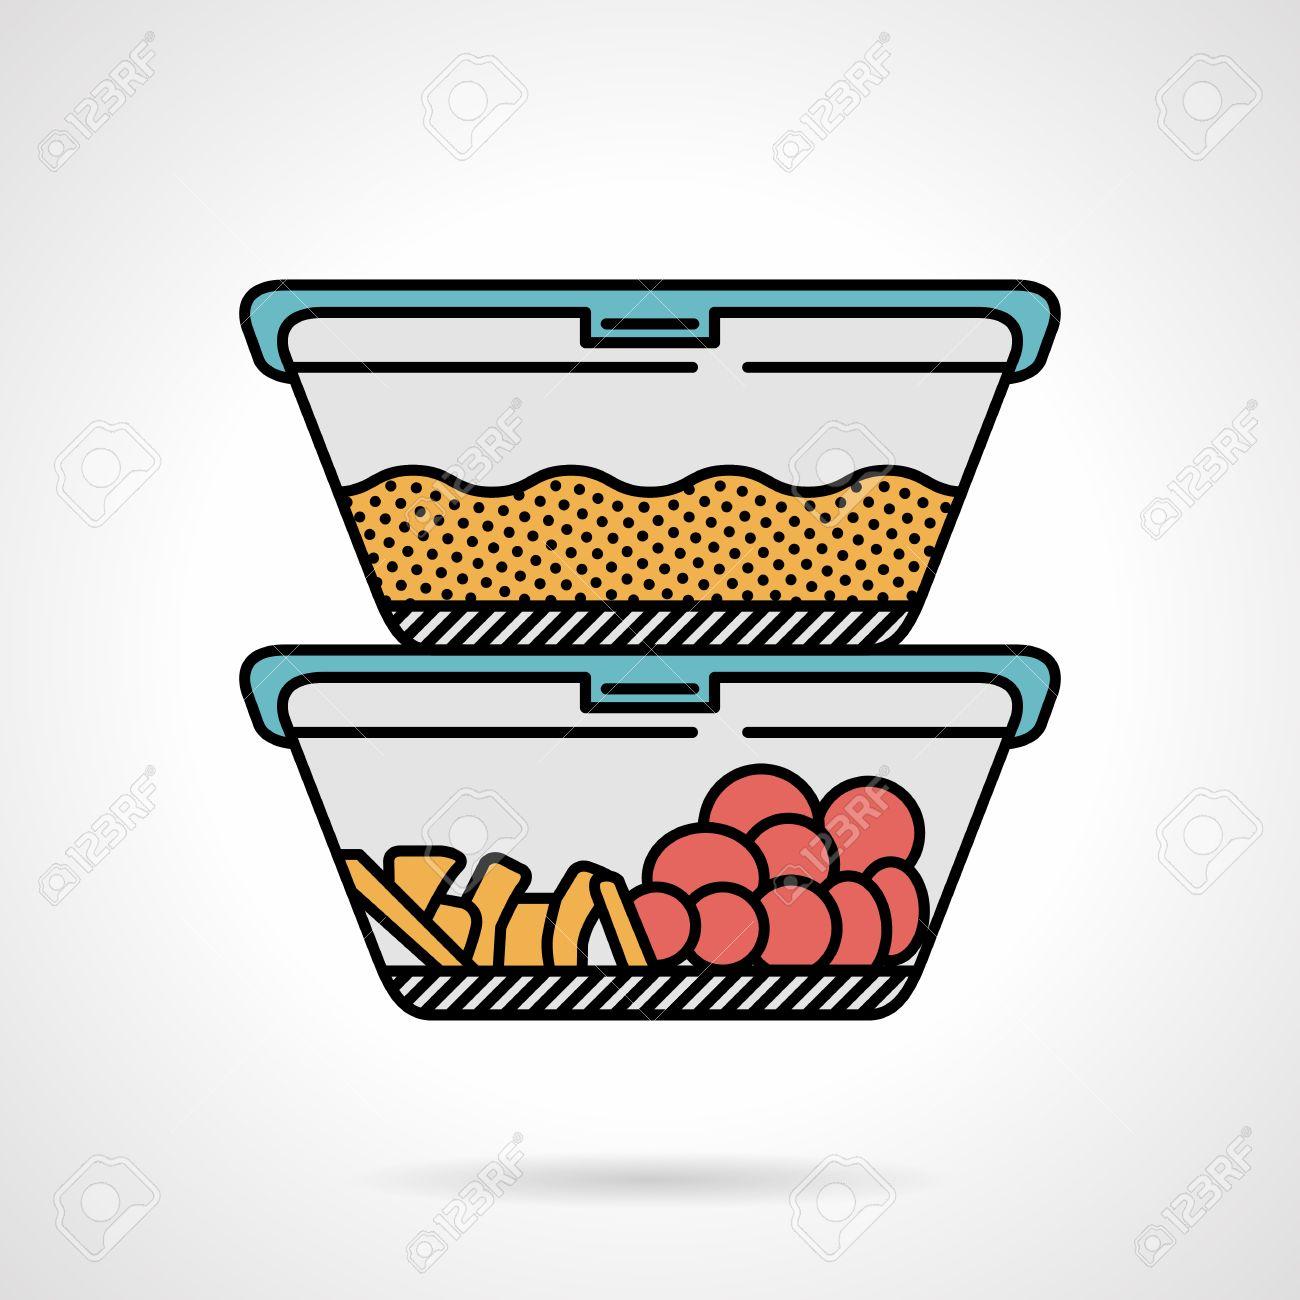 Vector Diseño Plano Coloreado Icono De Dos Recipientes De Plástico Con Cereales Verduras O Frutas Para Menú De Almuerzo En El Fondo Blanco